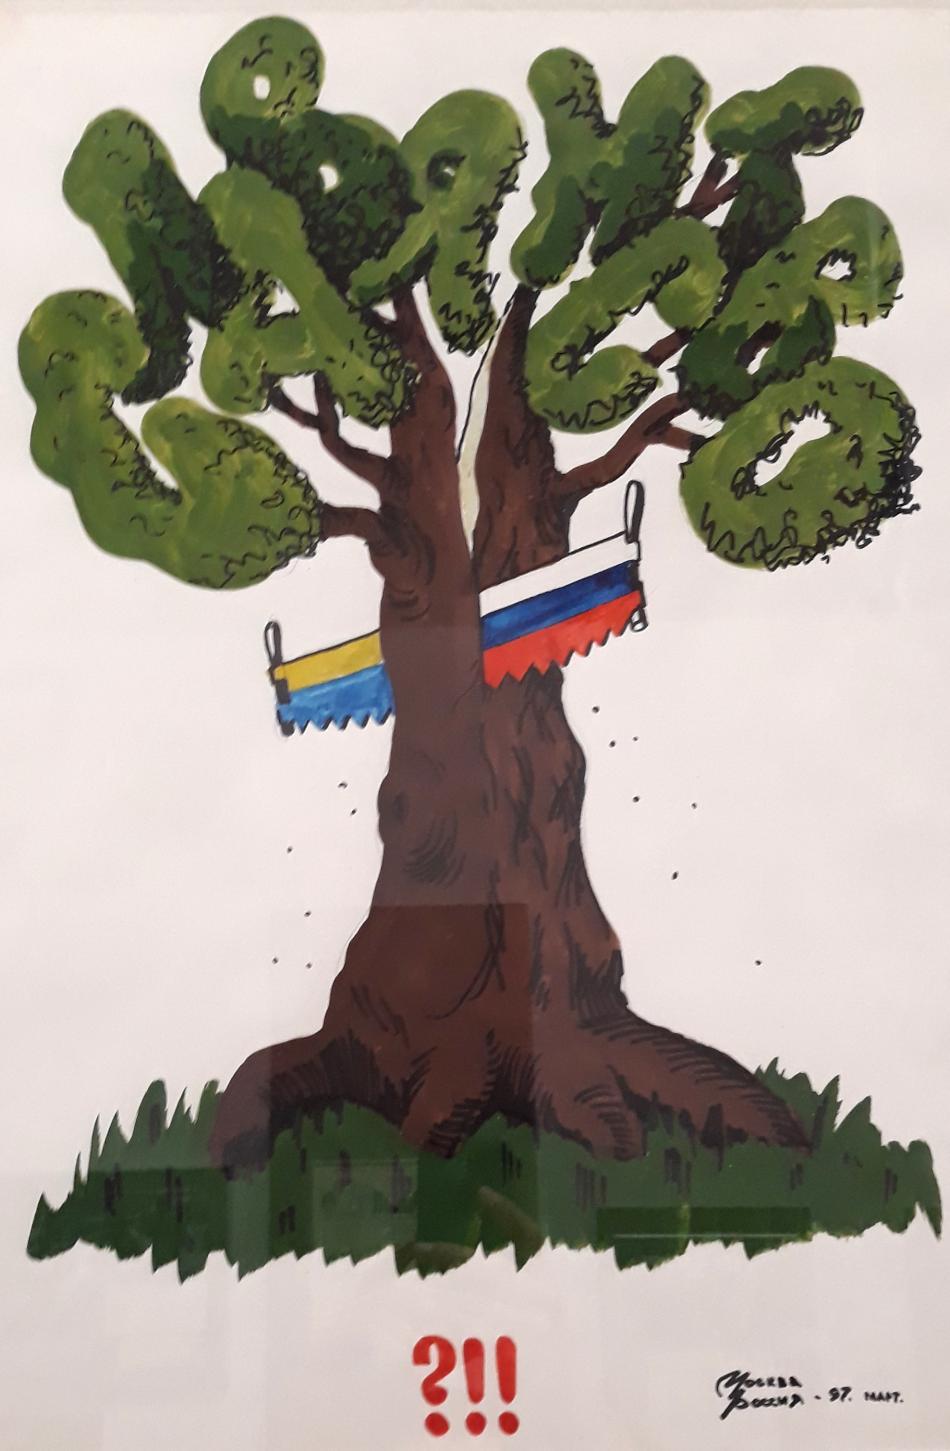 Kresba z roku 1997, na níž pila ukrajinské a ruské národnosti řeže strom s nápisem Slovanstvo v koruně